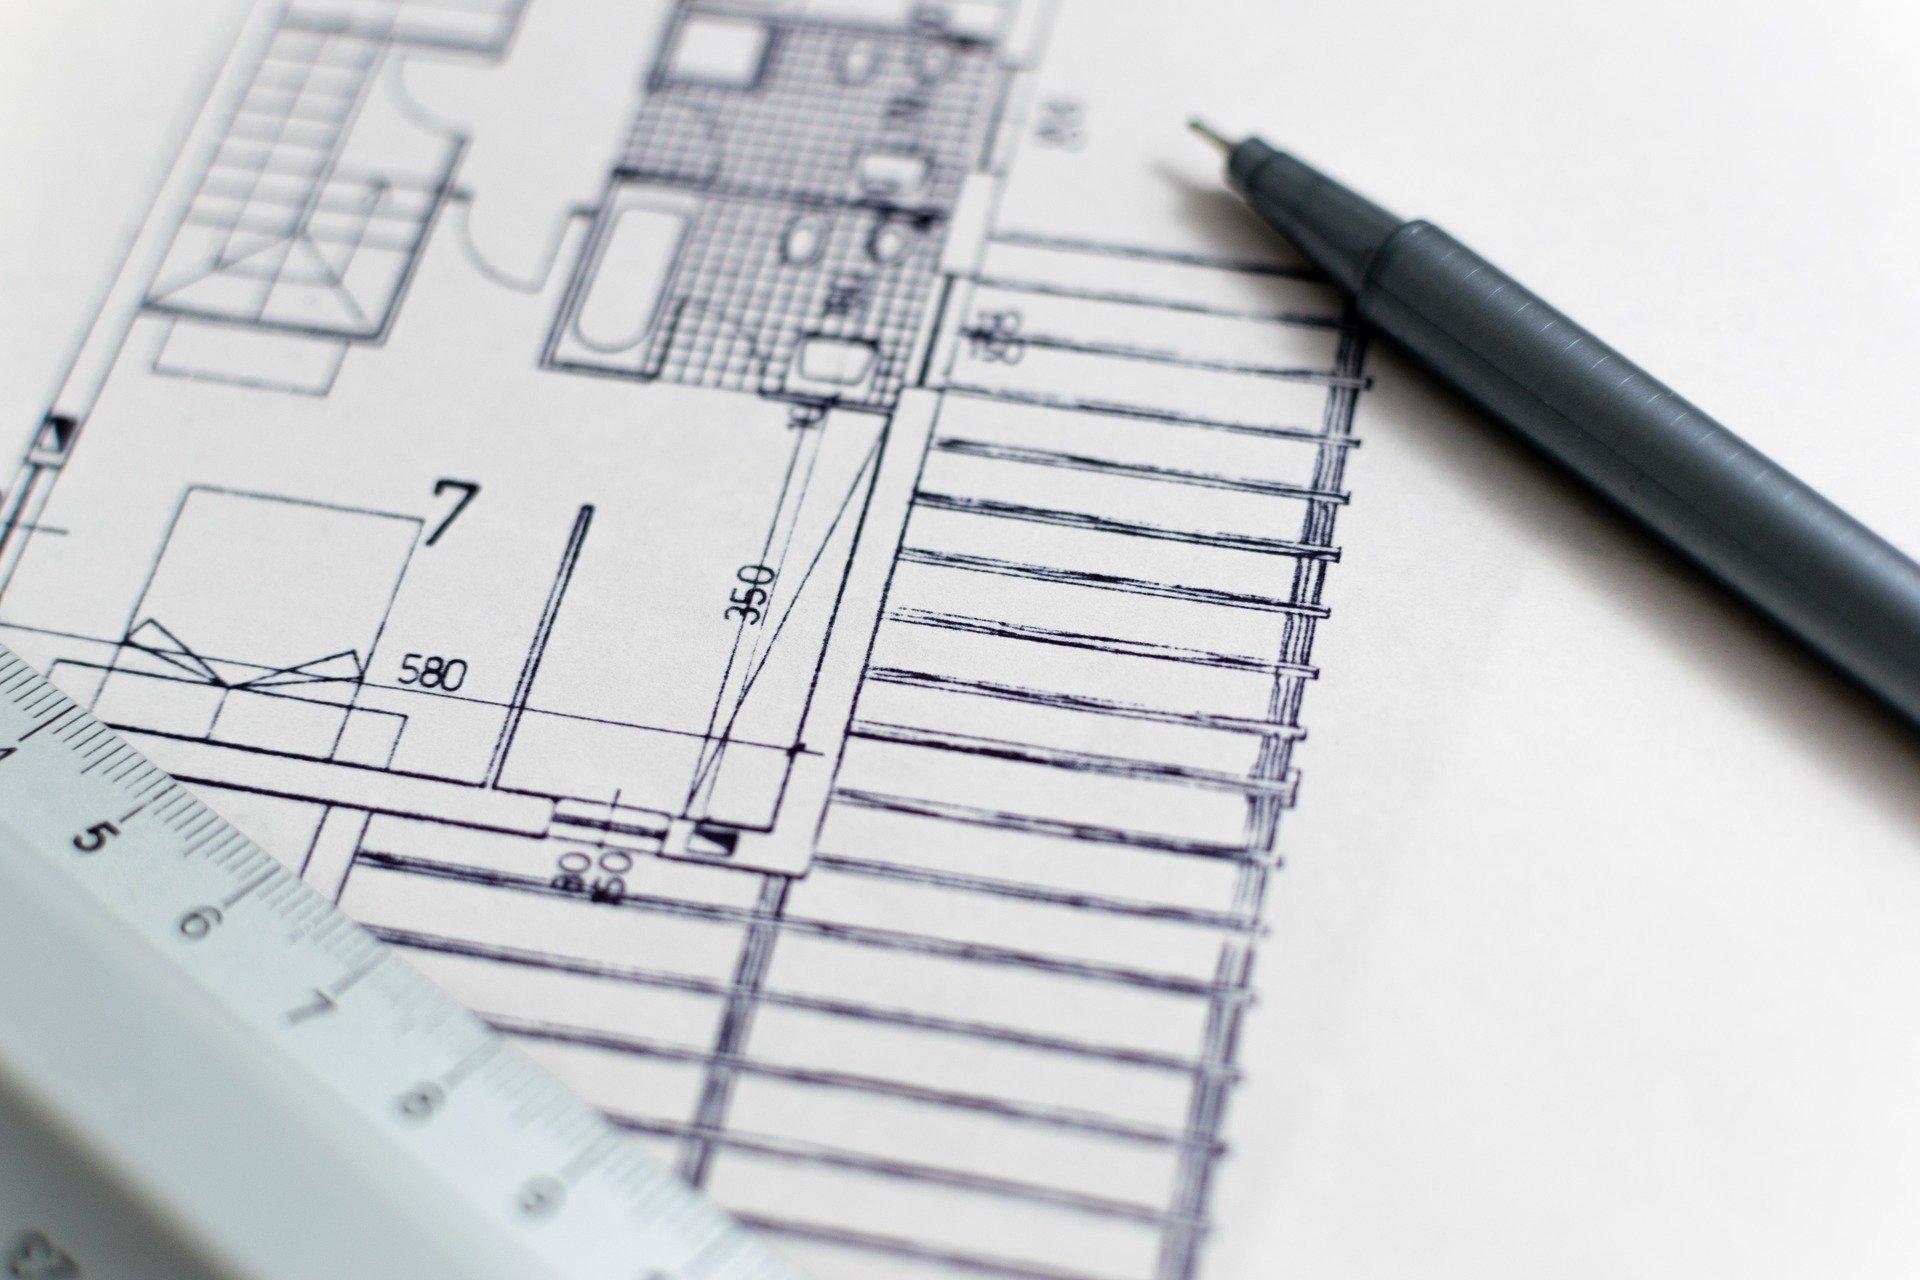 Na co zwrócić uwagę szukając projektu wymarzonego domu?